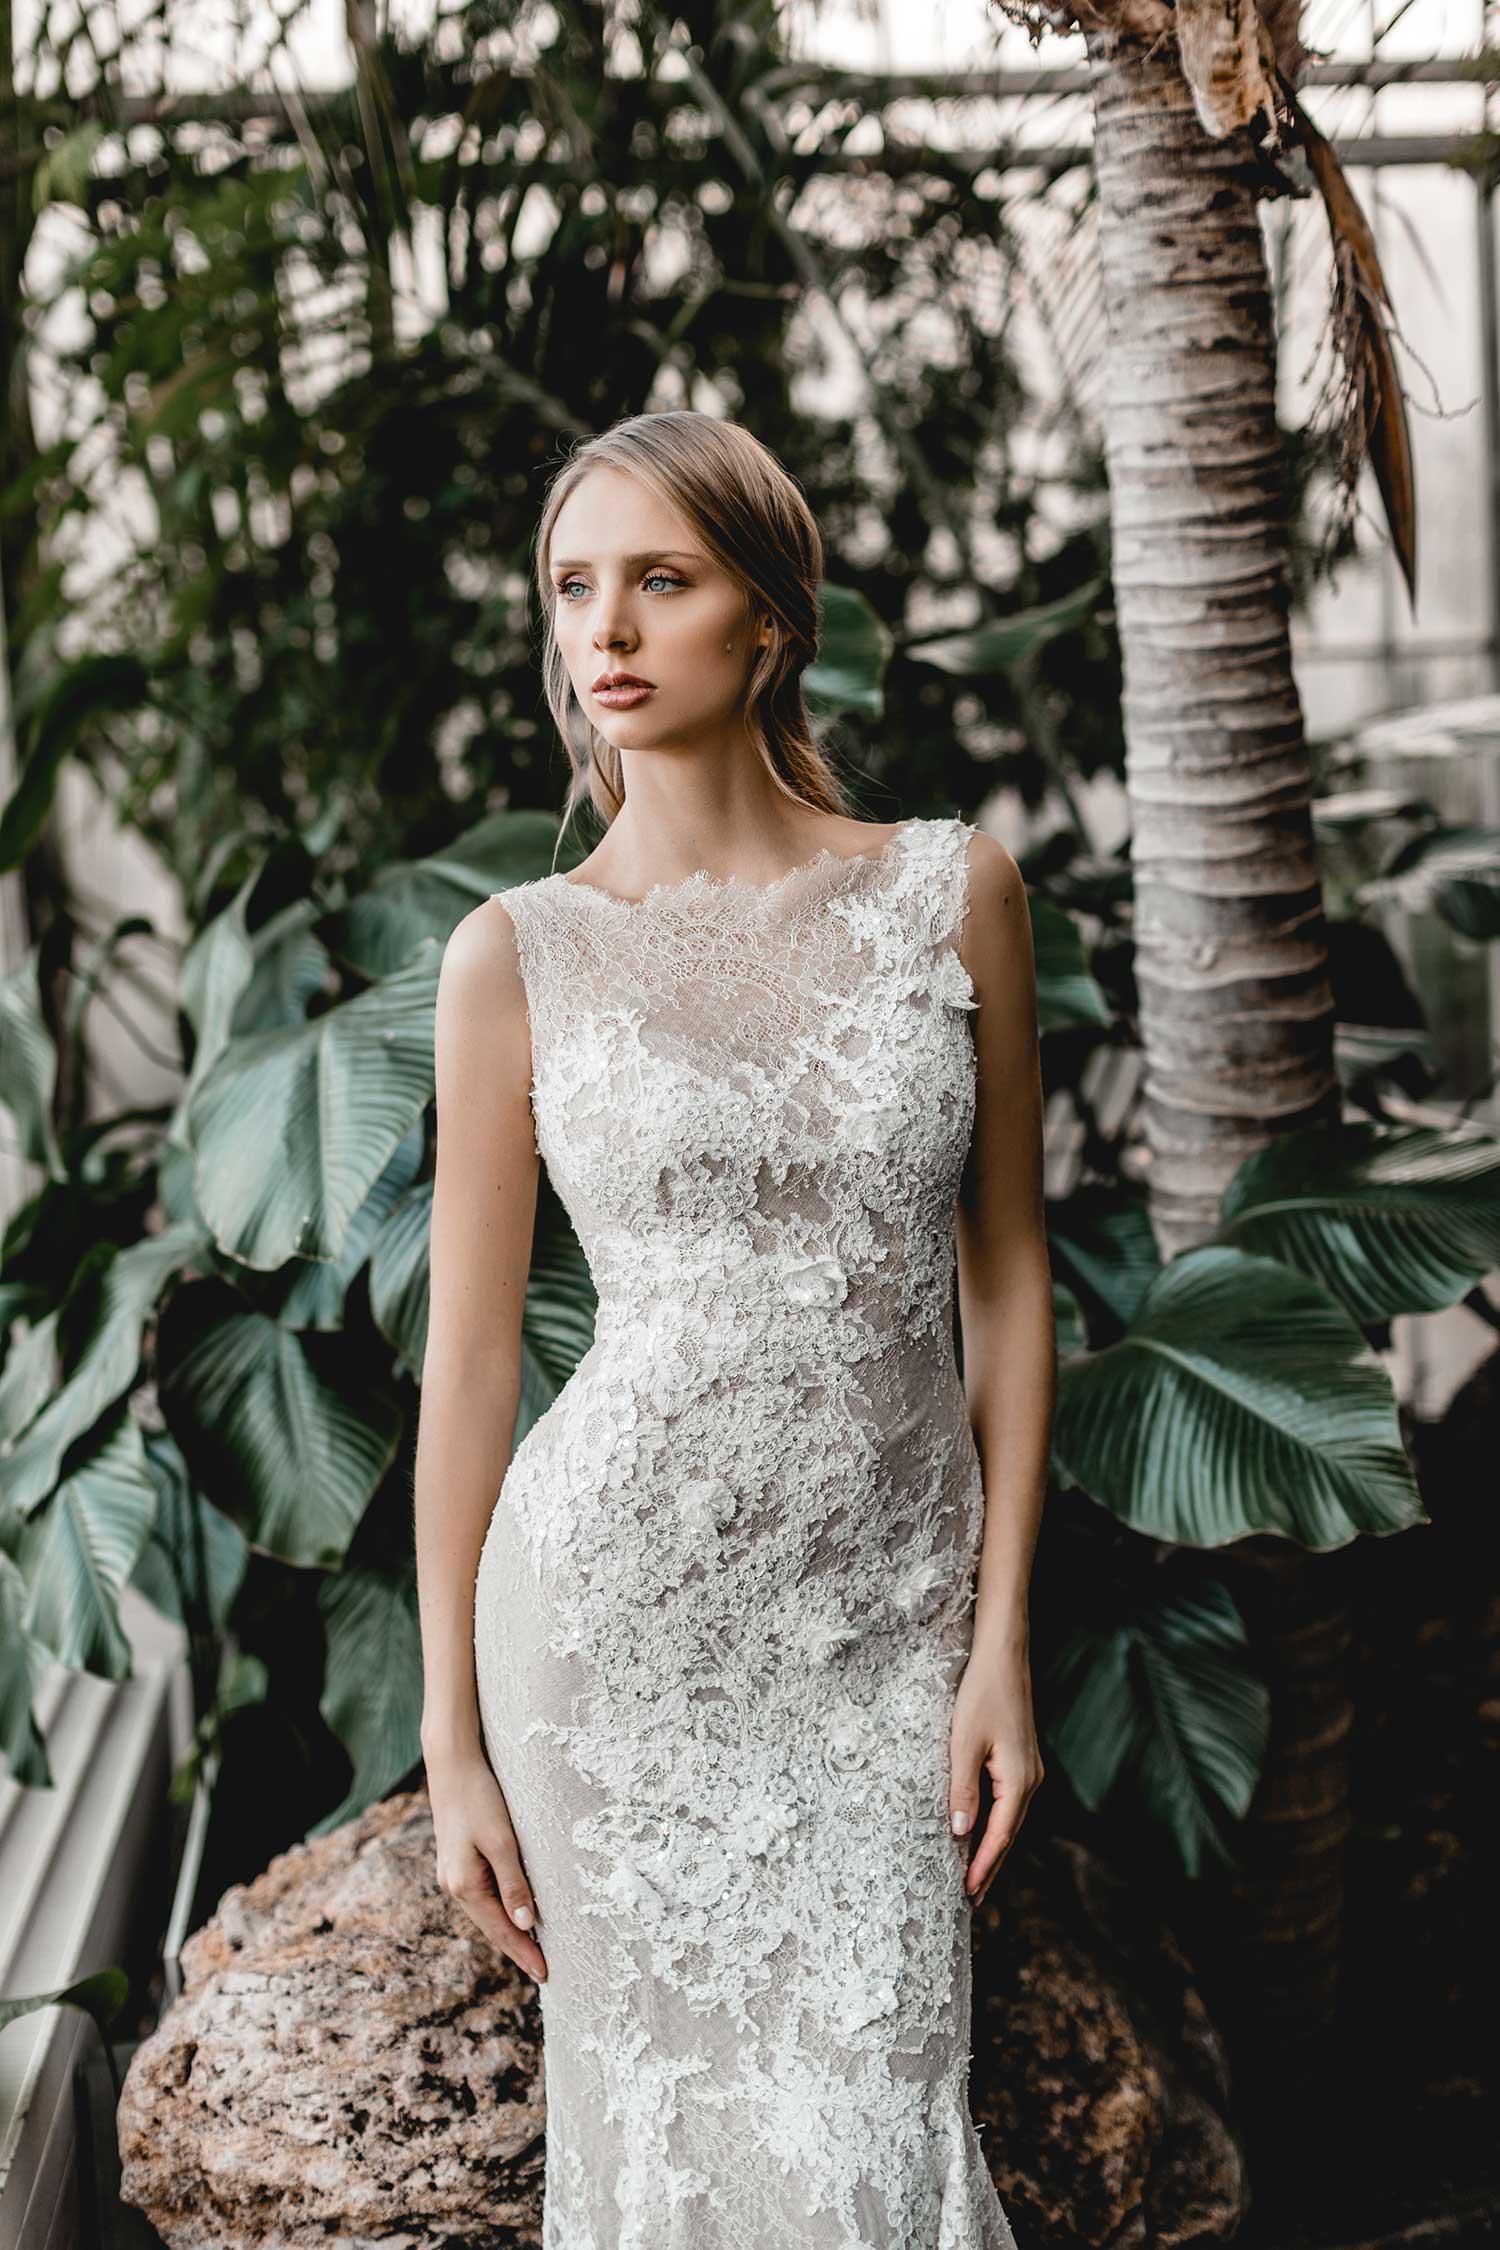 Model wearing a classy wedding dress